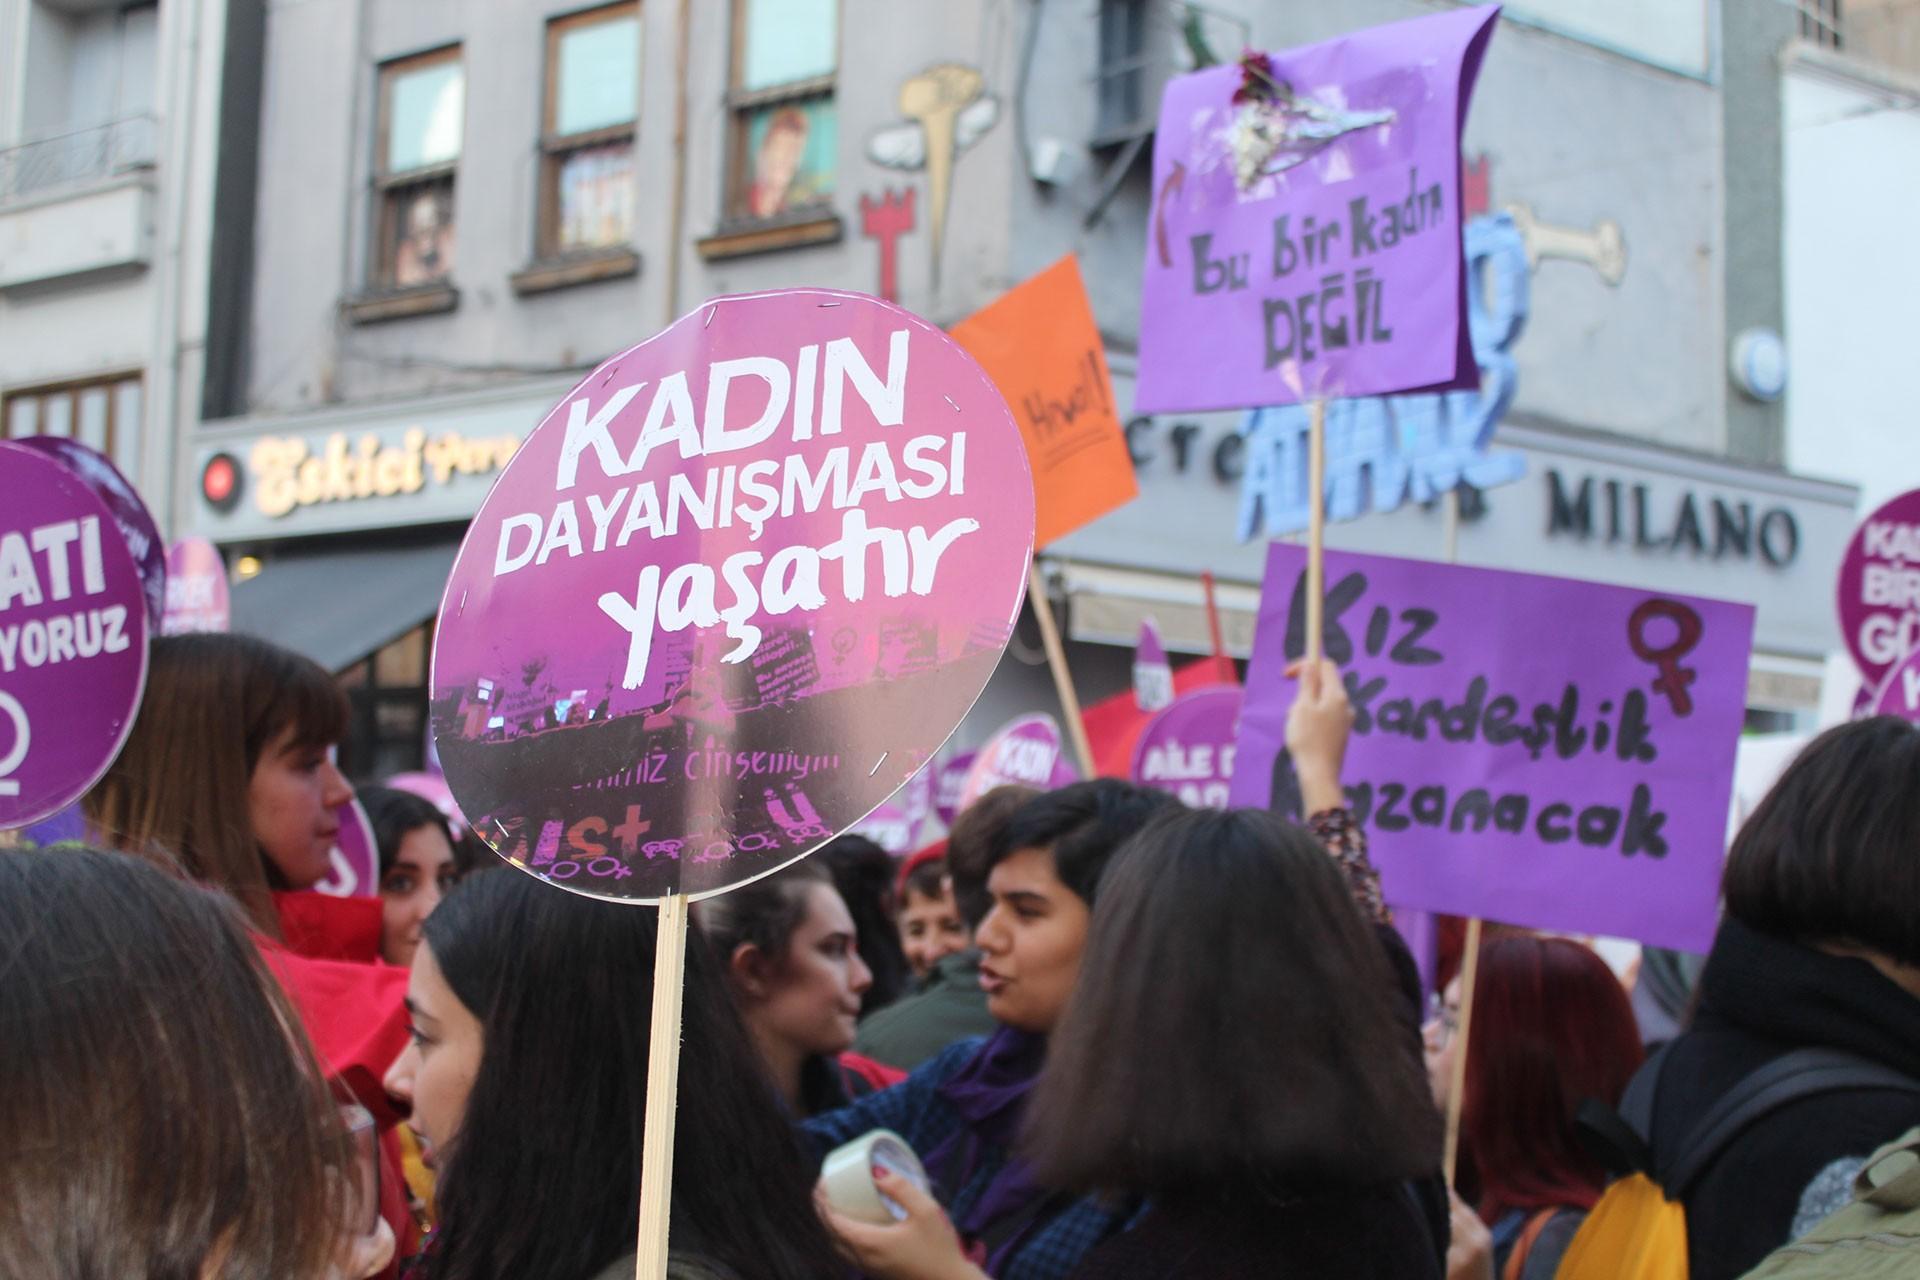 EMEP'li kadınlardan şiddet gören Fatma Selen Ö. için açıklam: Yanındayız